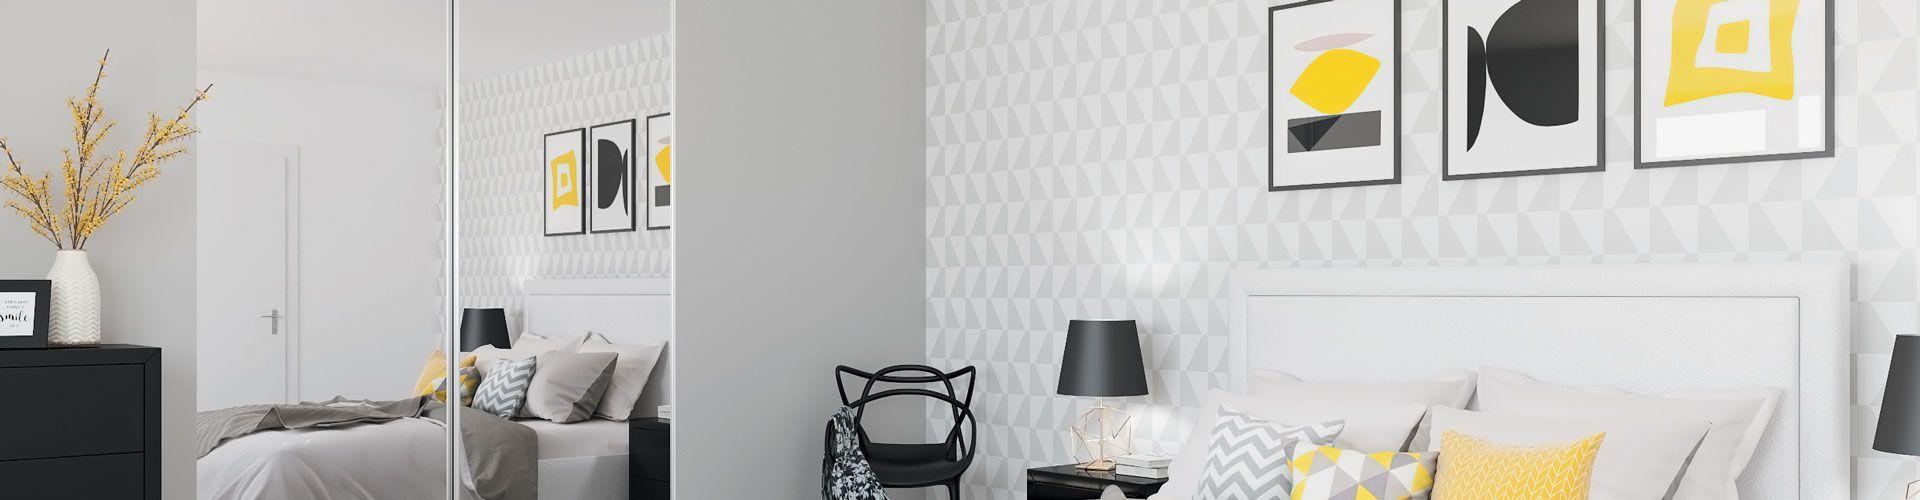 miroir kazed. Black Bedroom Furniture Sets. Home Design Ideas